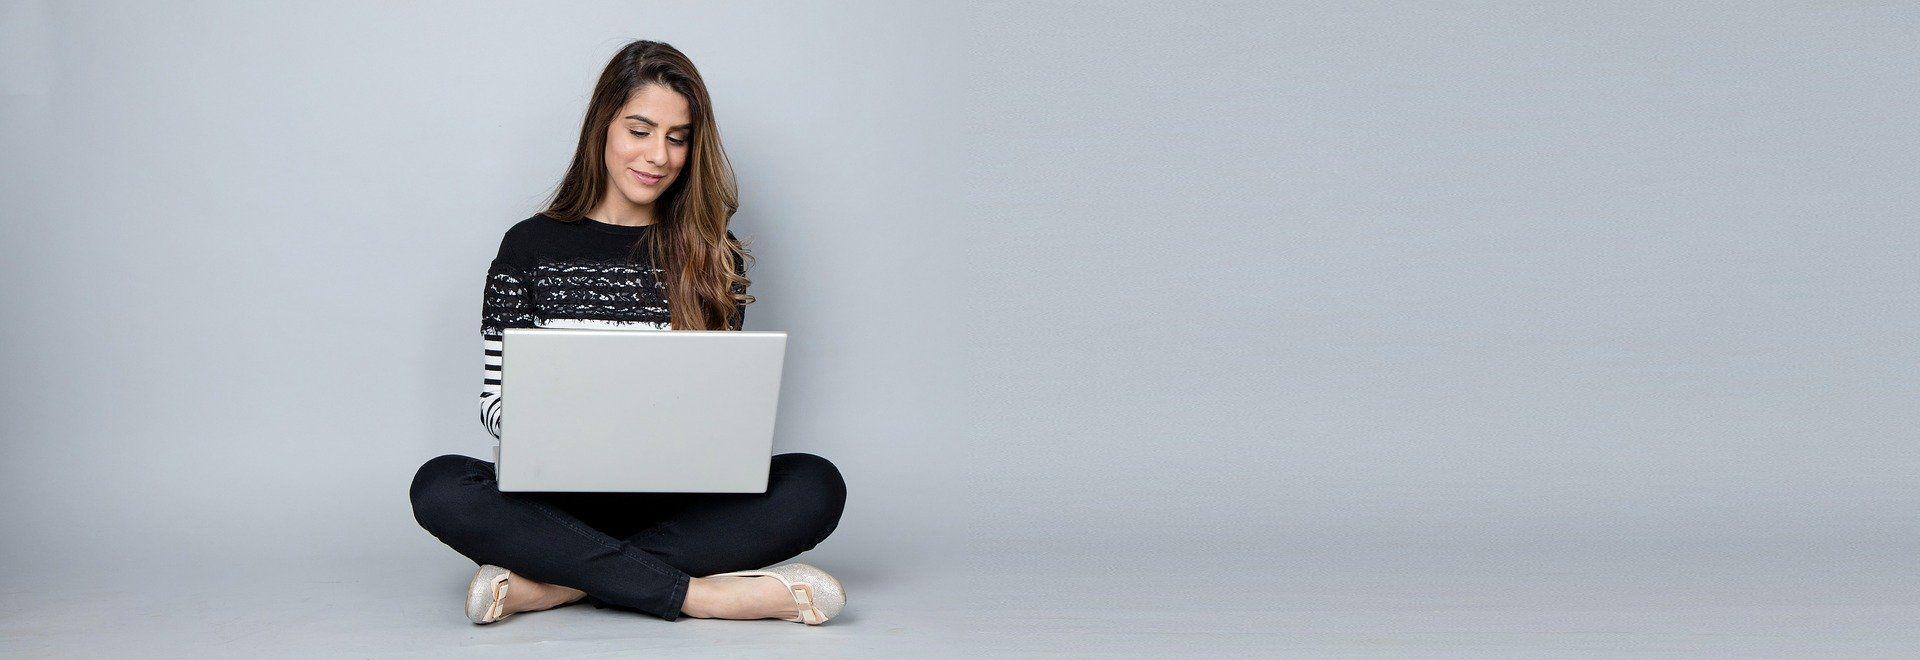 Большинство россиян хотят бросить работу истать блогерами